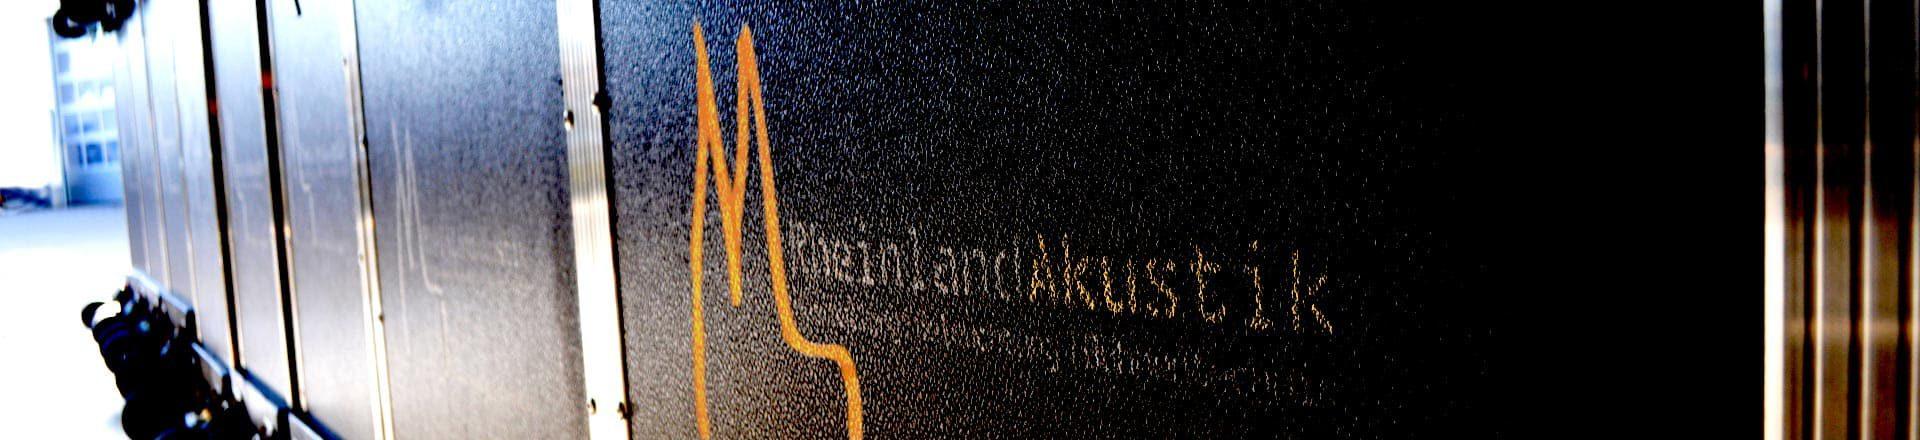 Eventtechnik Verleih von RheinlandAkustik